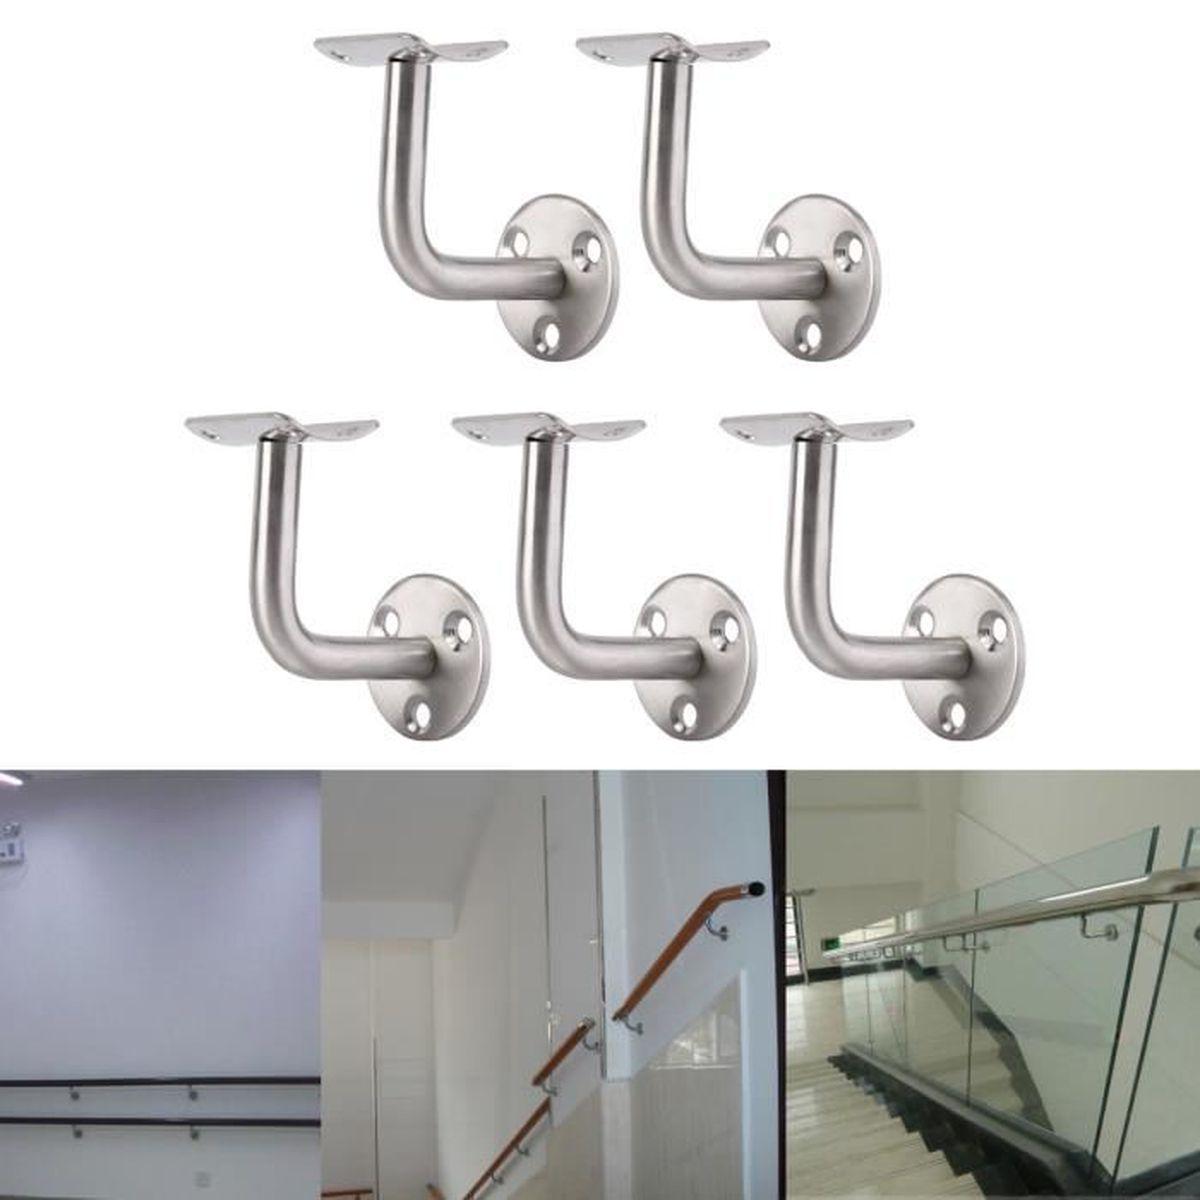 5x Soutien Support Main Courante Escalier Fixation Murale avec Couvercle Inox